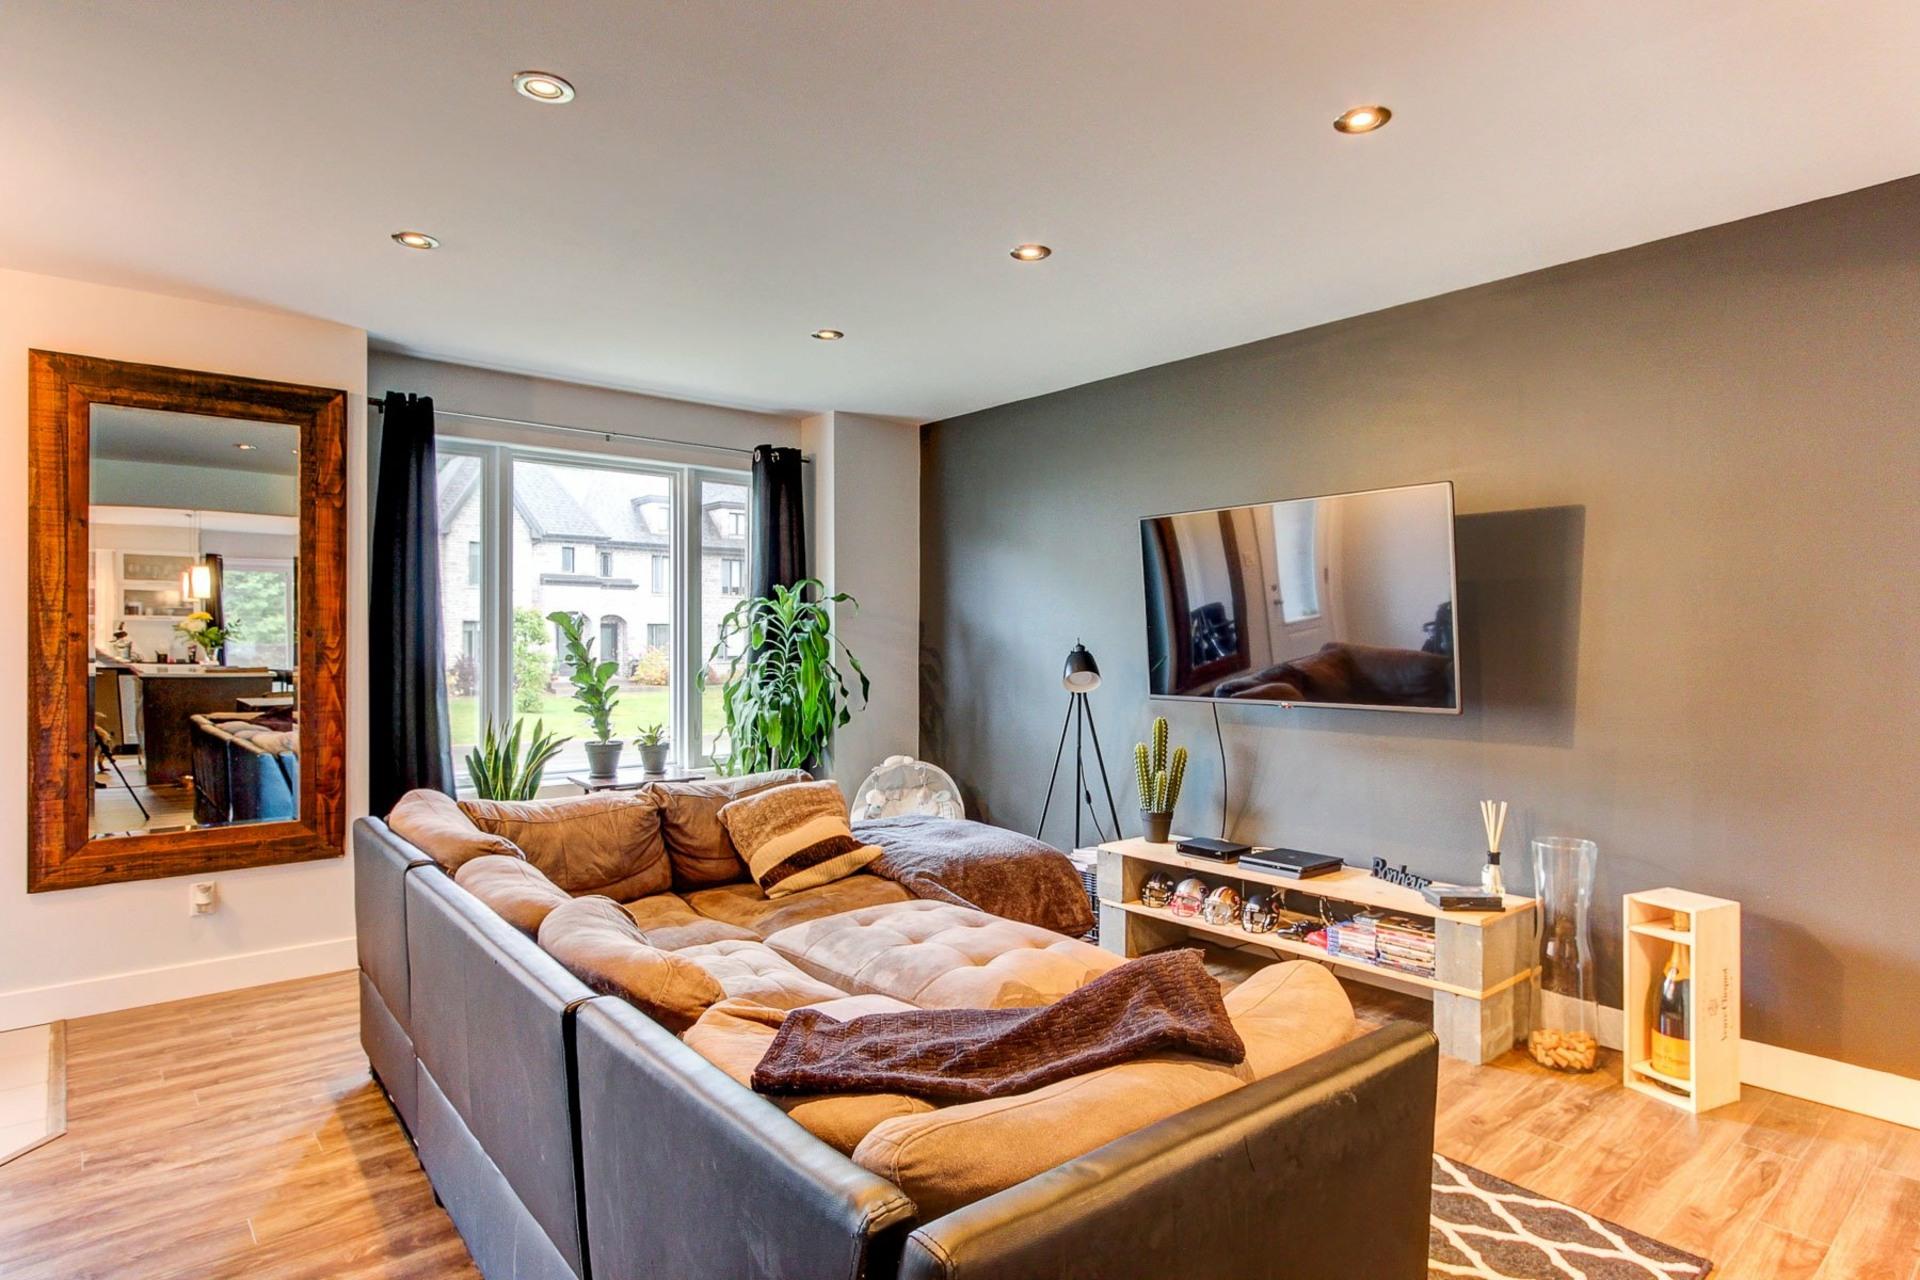 image 10 - Appartement À vendre Trois-Rivières - 7 pièces